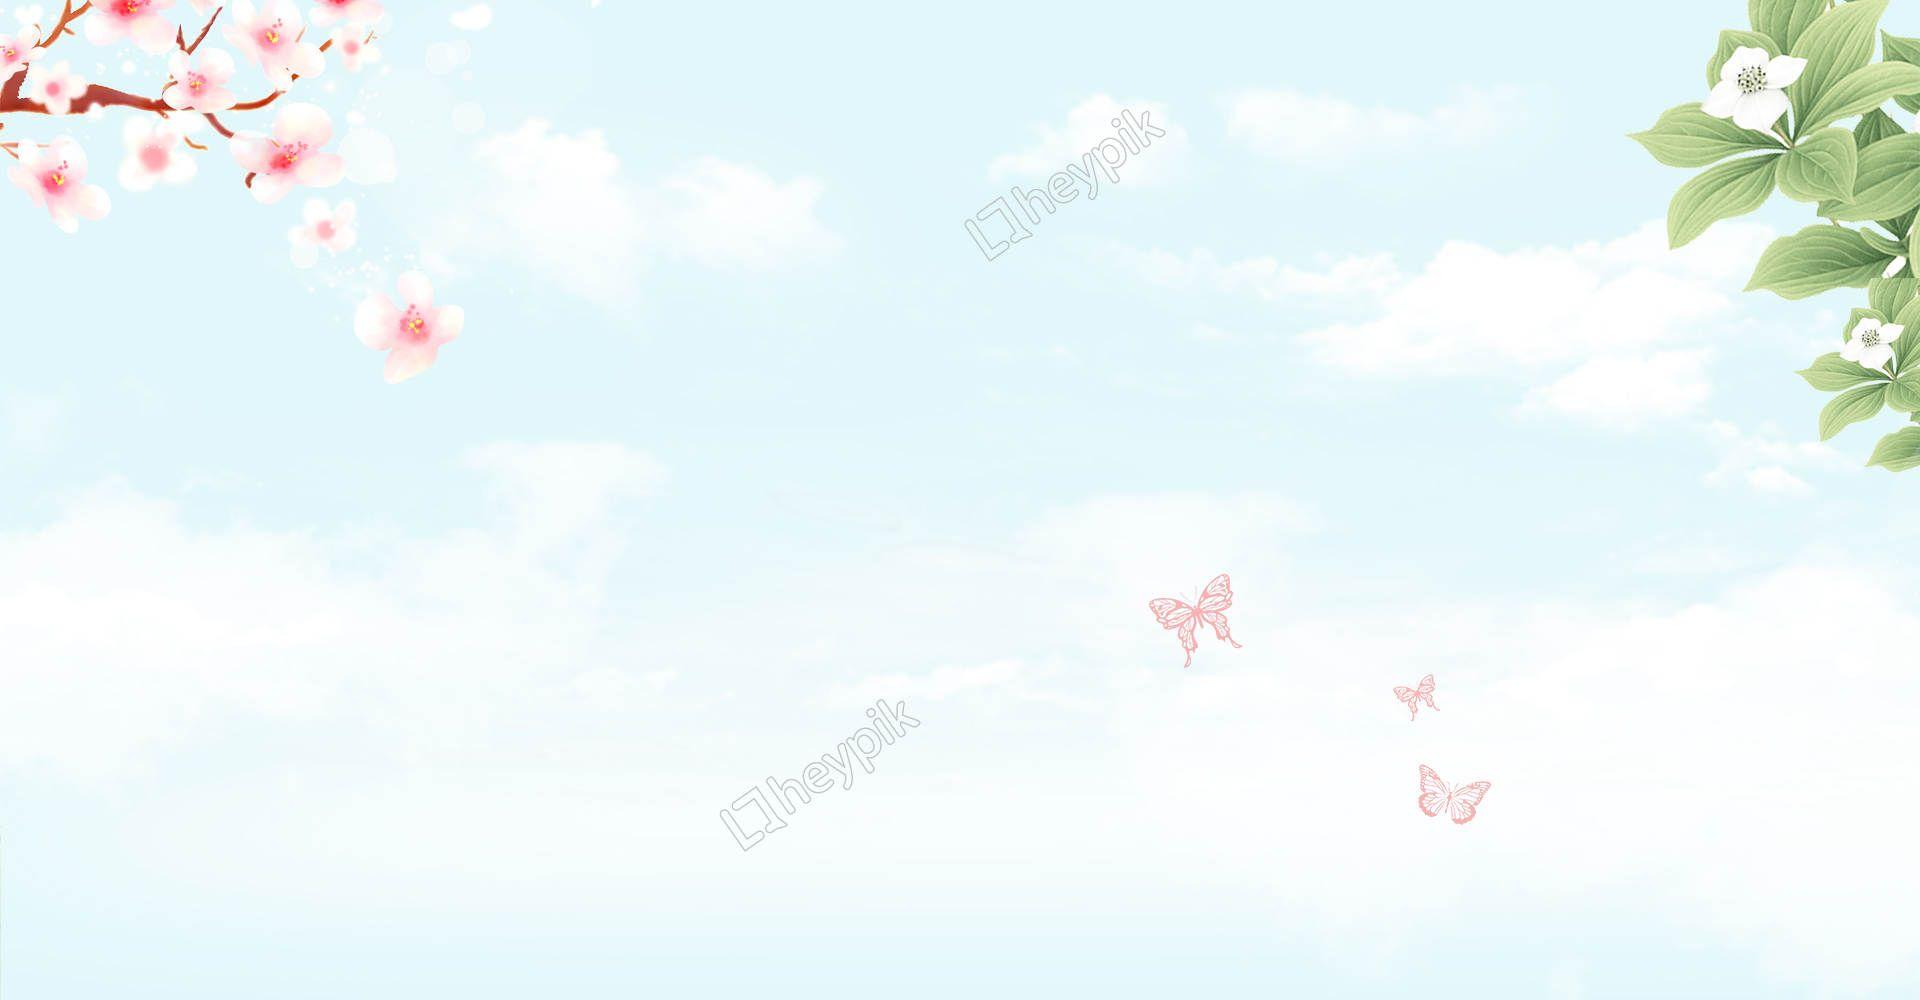 خلفية جميلة خلفية جديدة Beautiful Backgrounds Background Poster